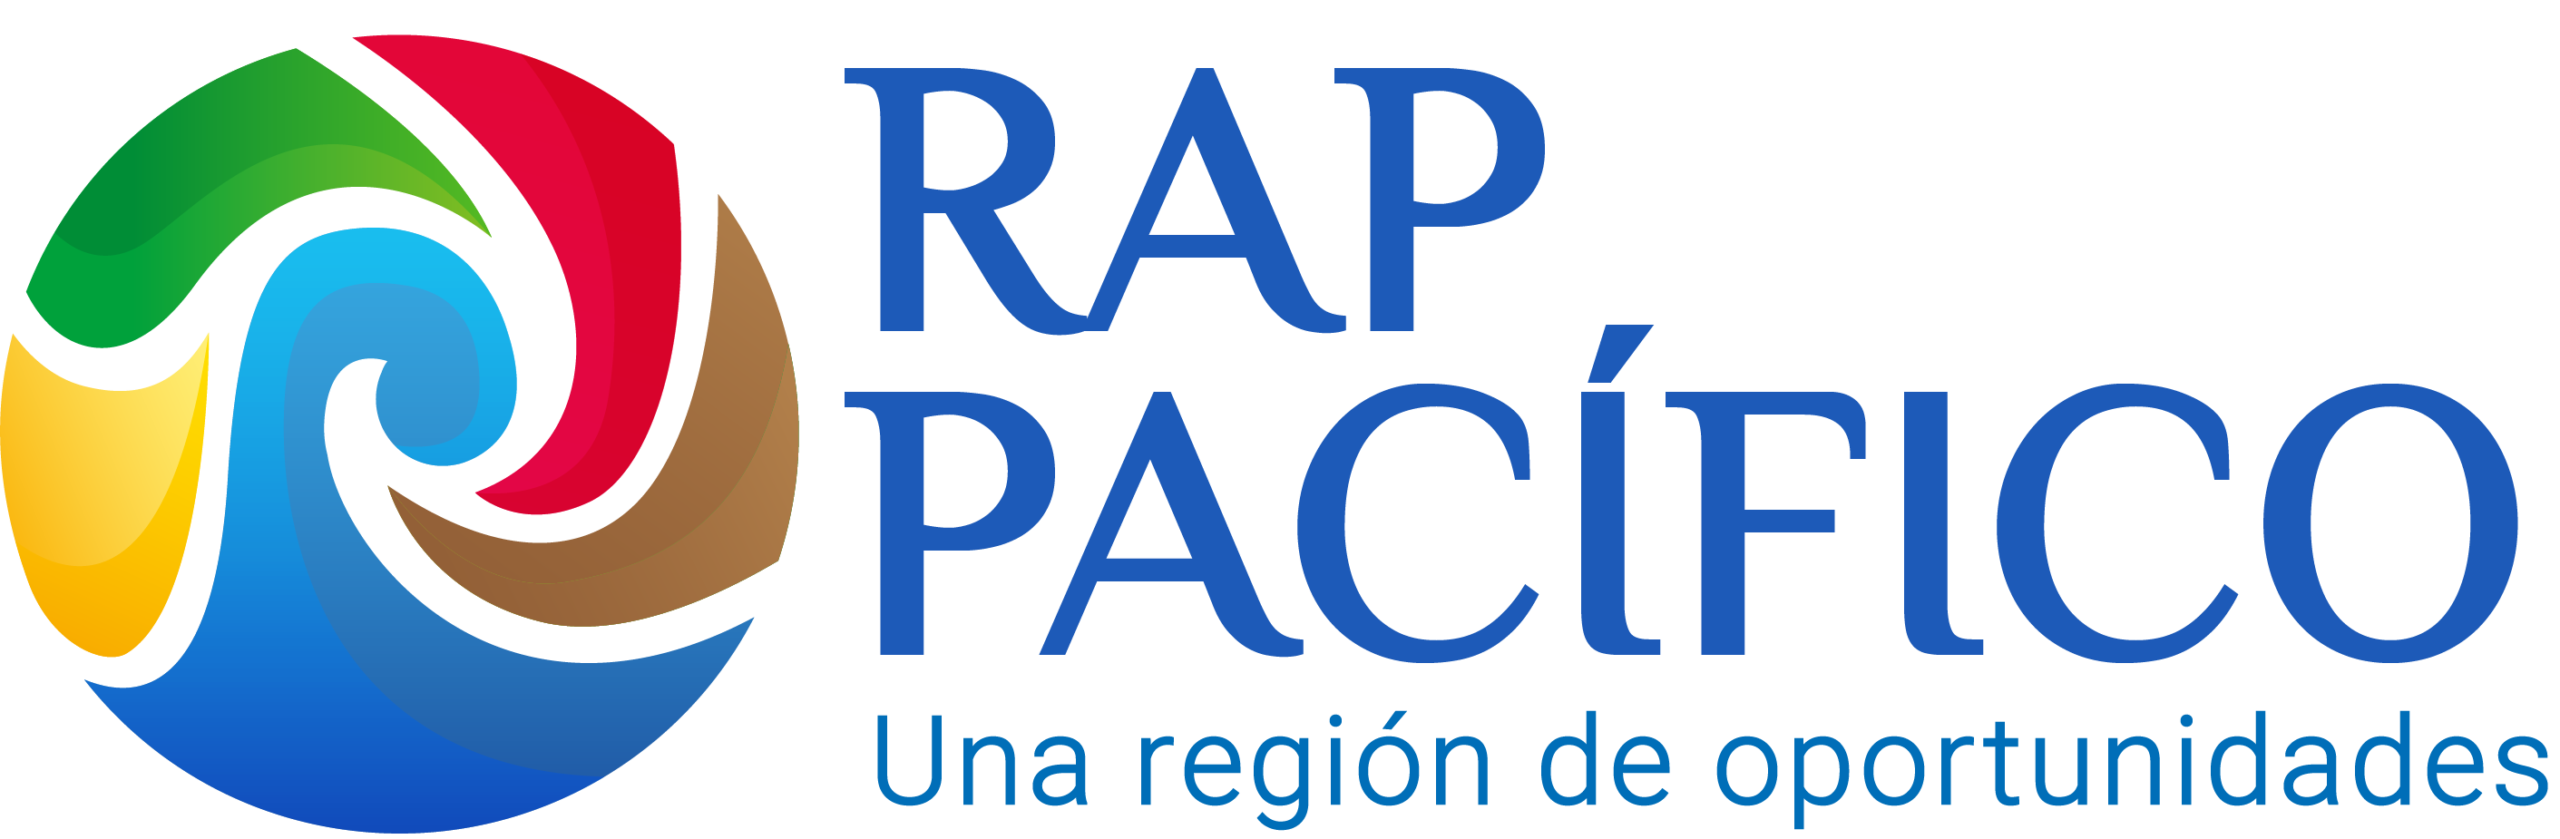 RAP Pacífico